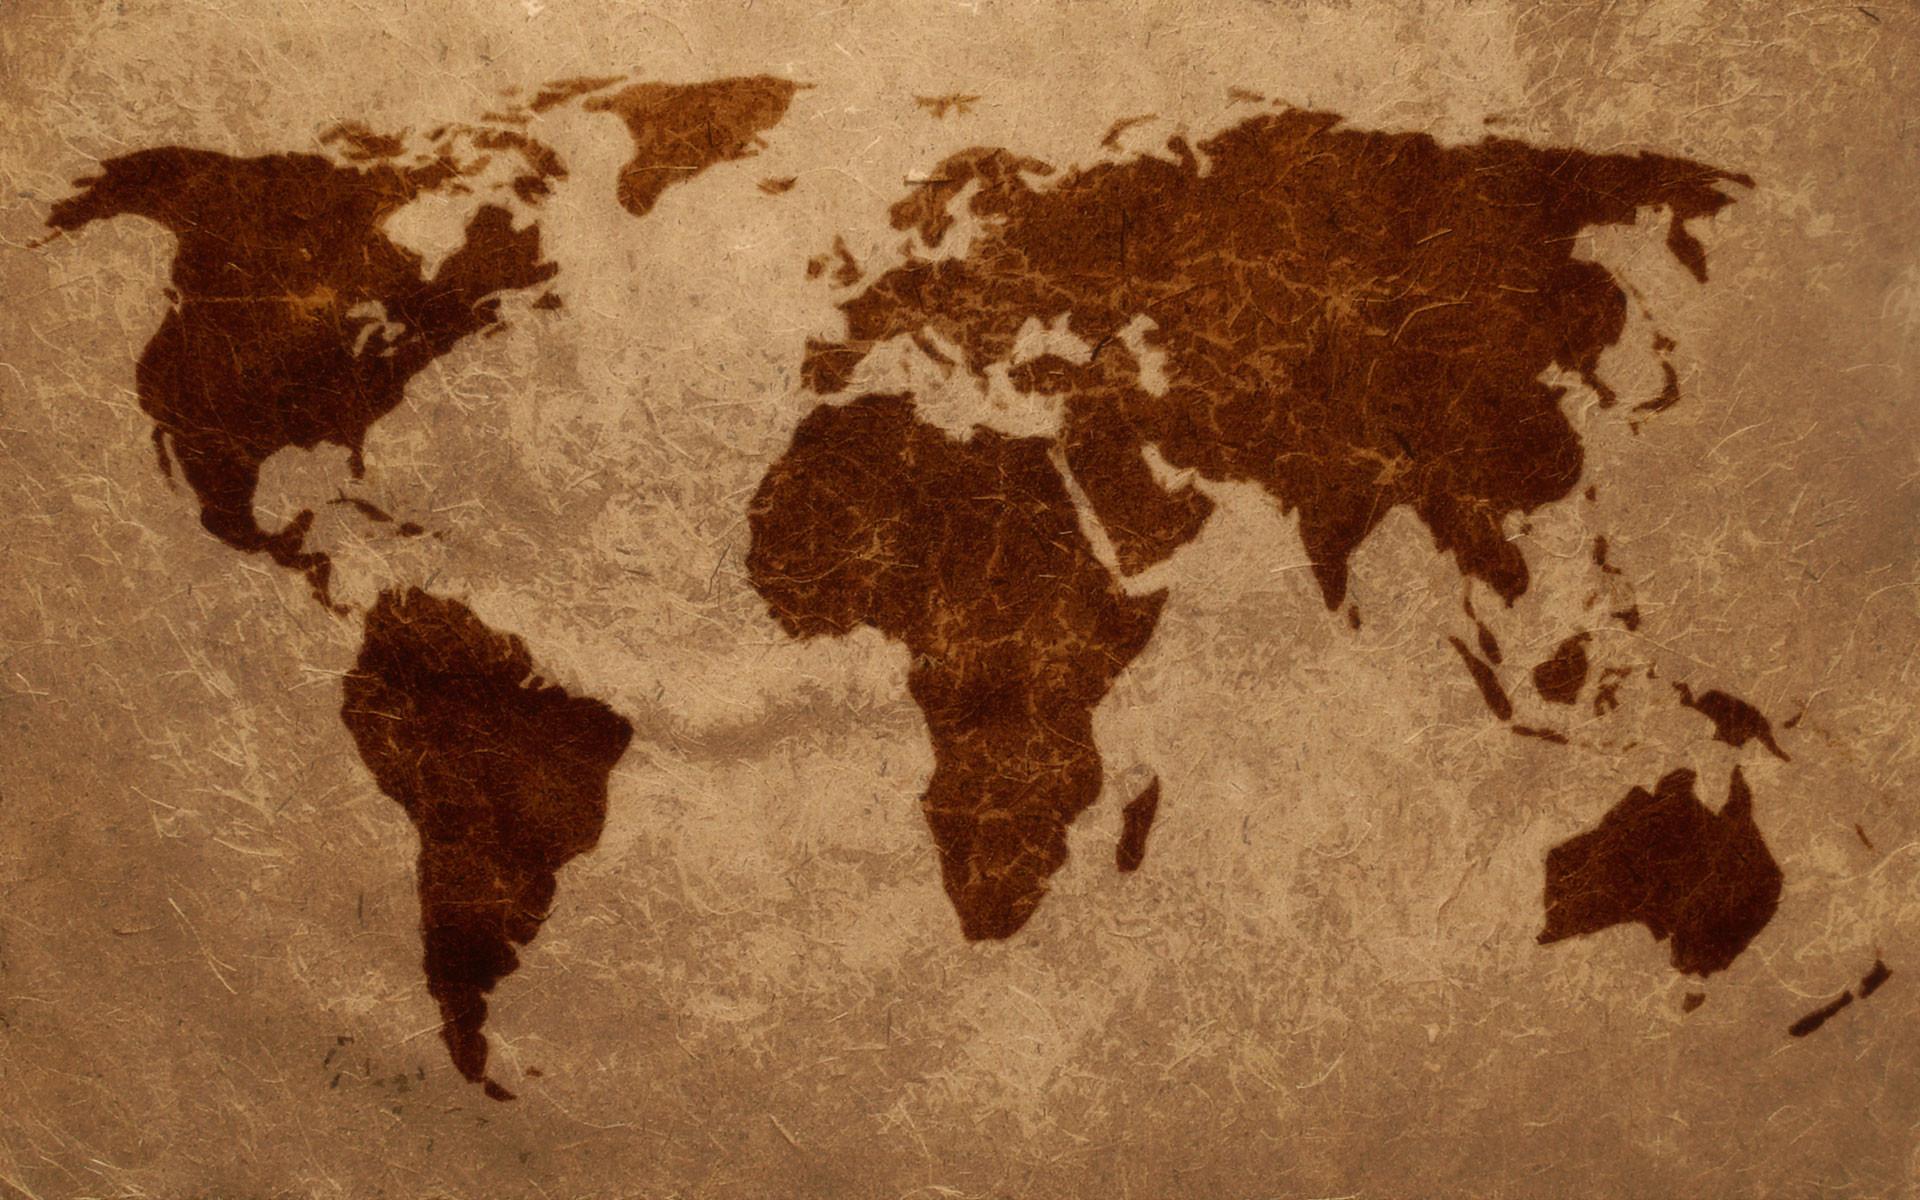 Superior 1920x1200 ... Old World Map Wallpaper 4697 1920x1200 Umad Com .